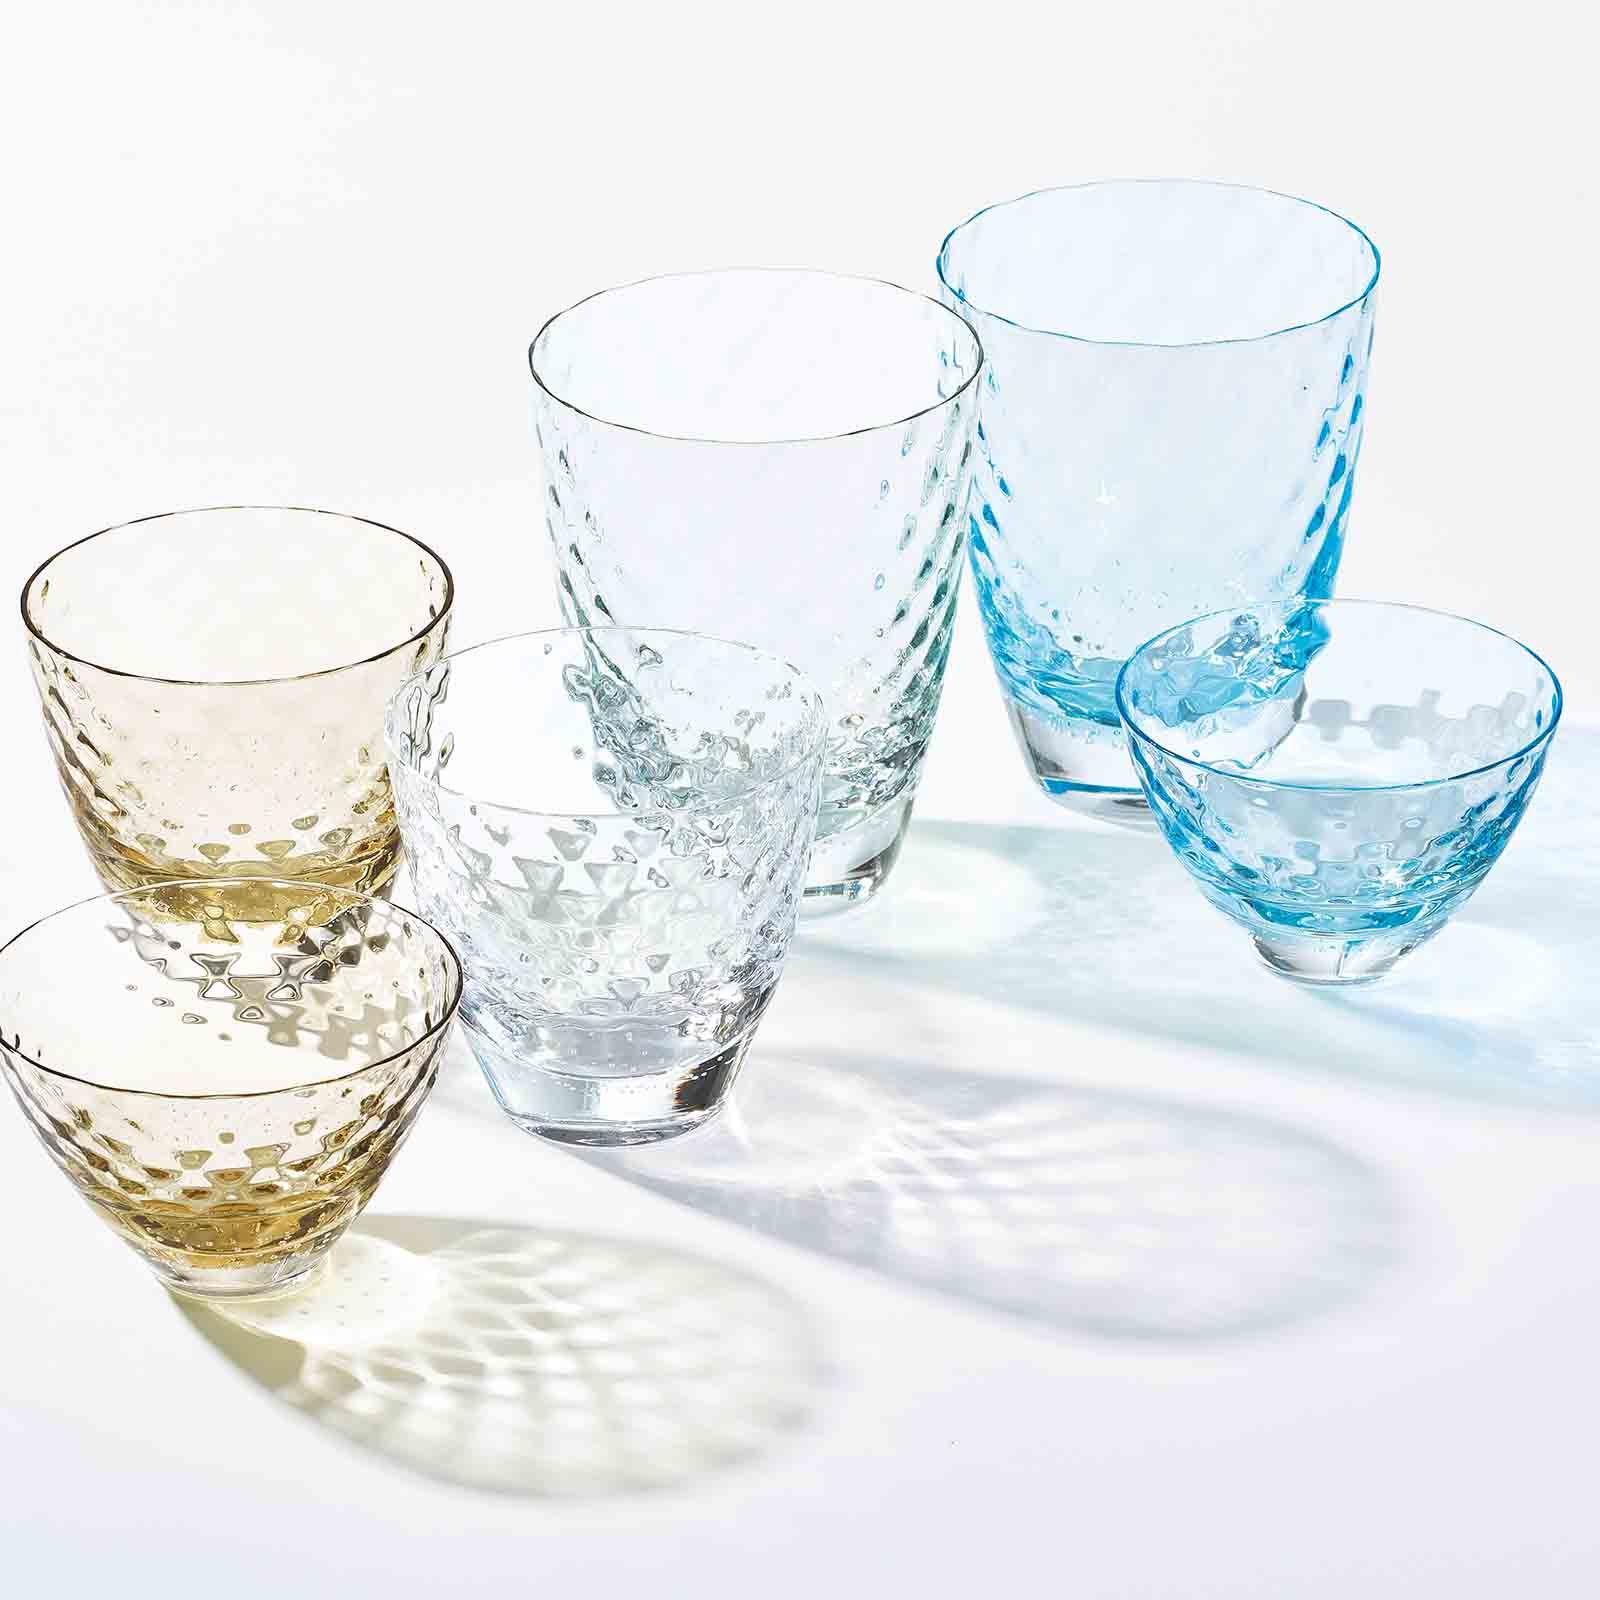 フラクタル:グラス・小鉢